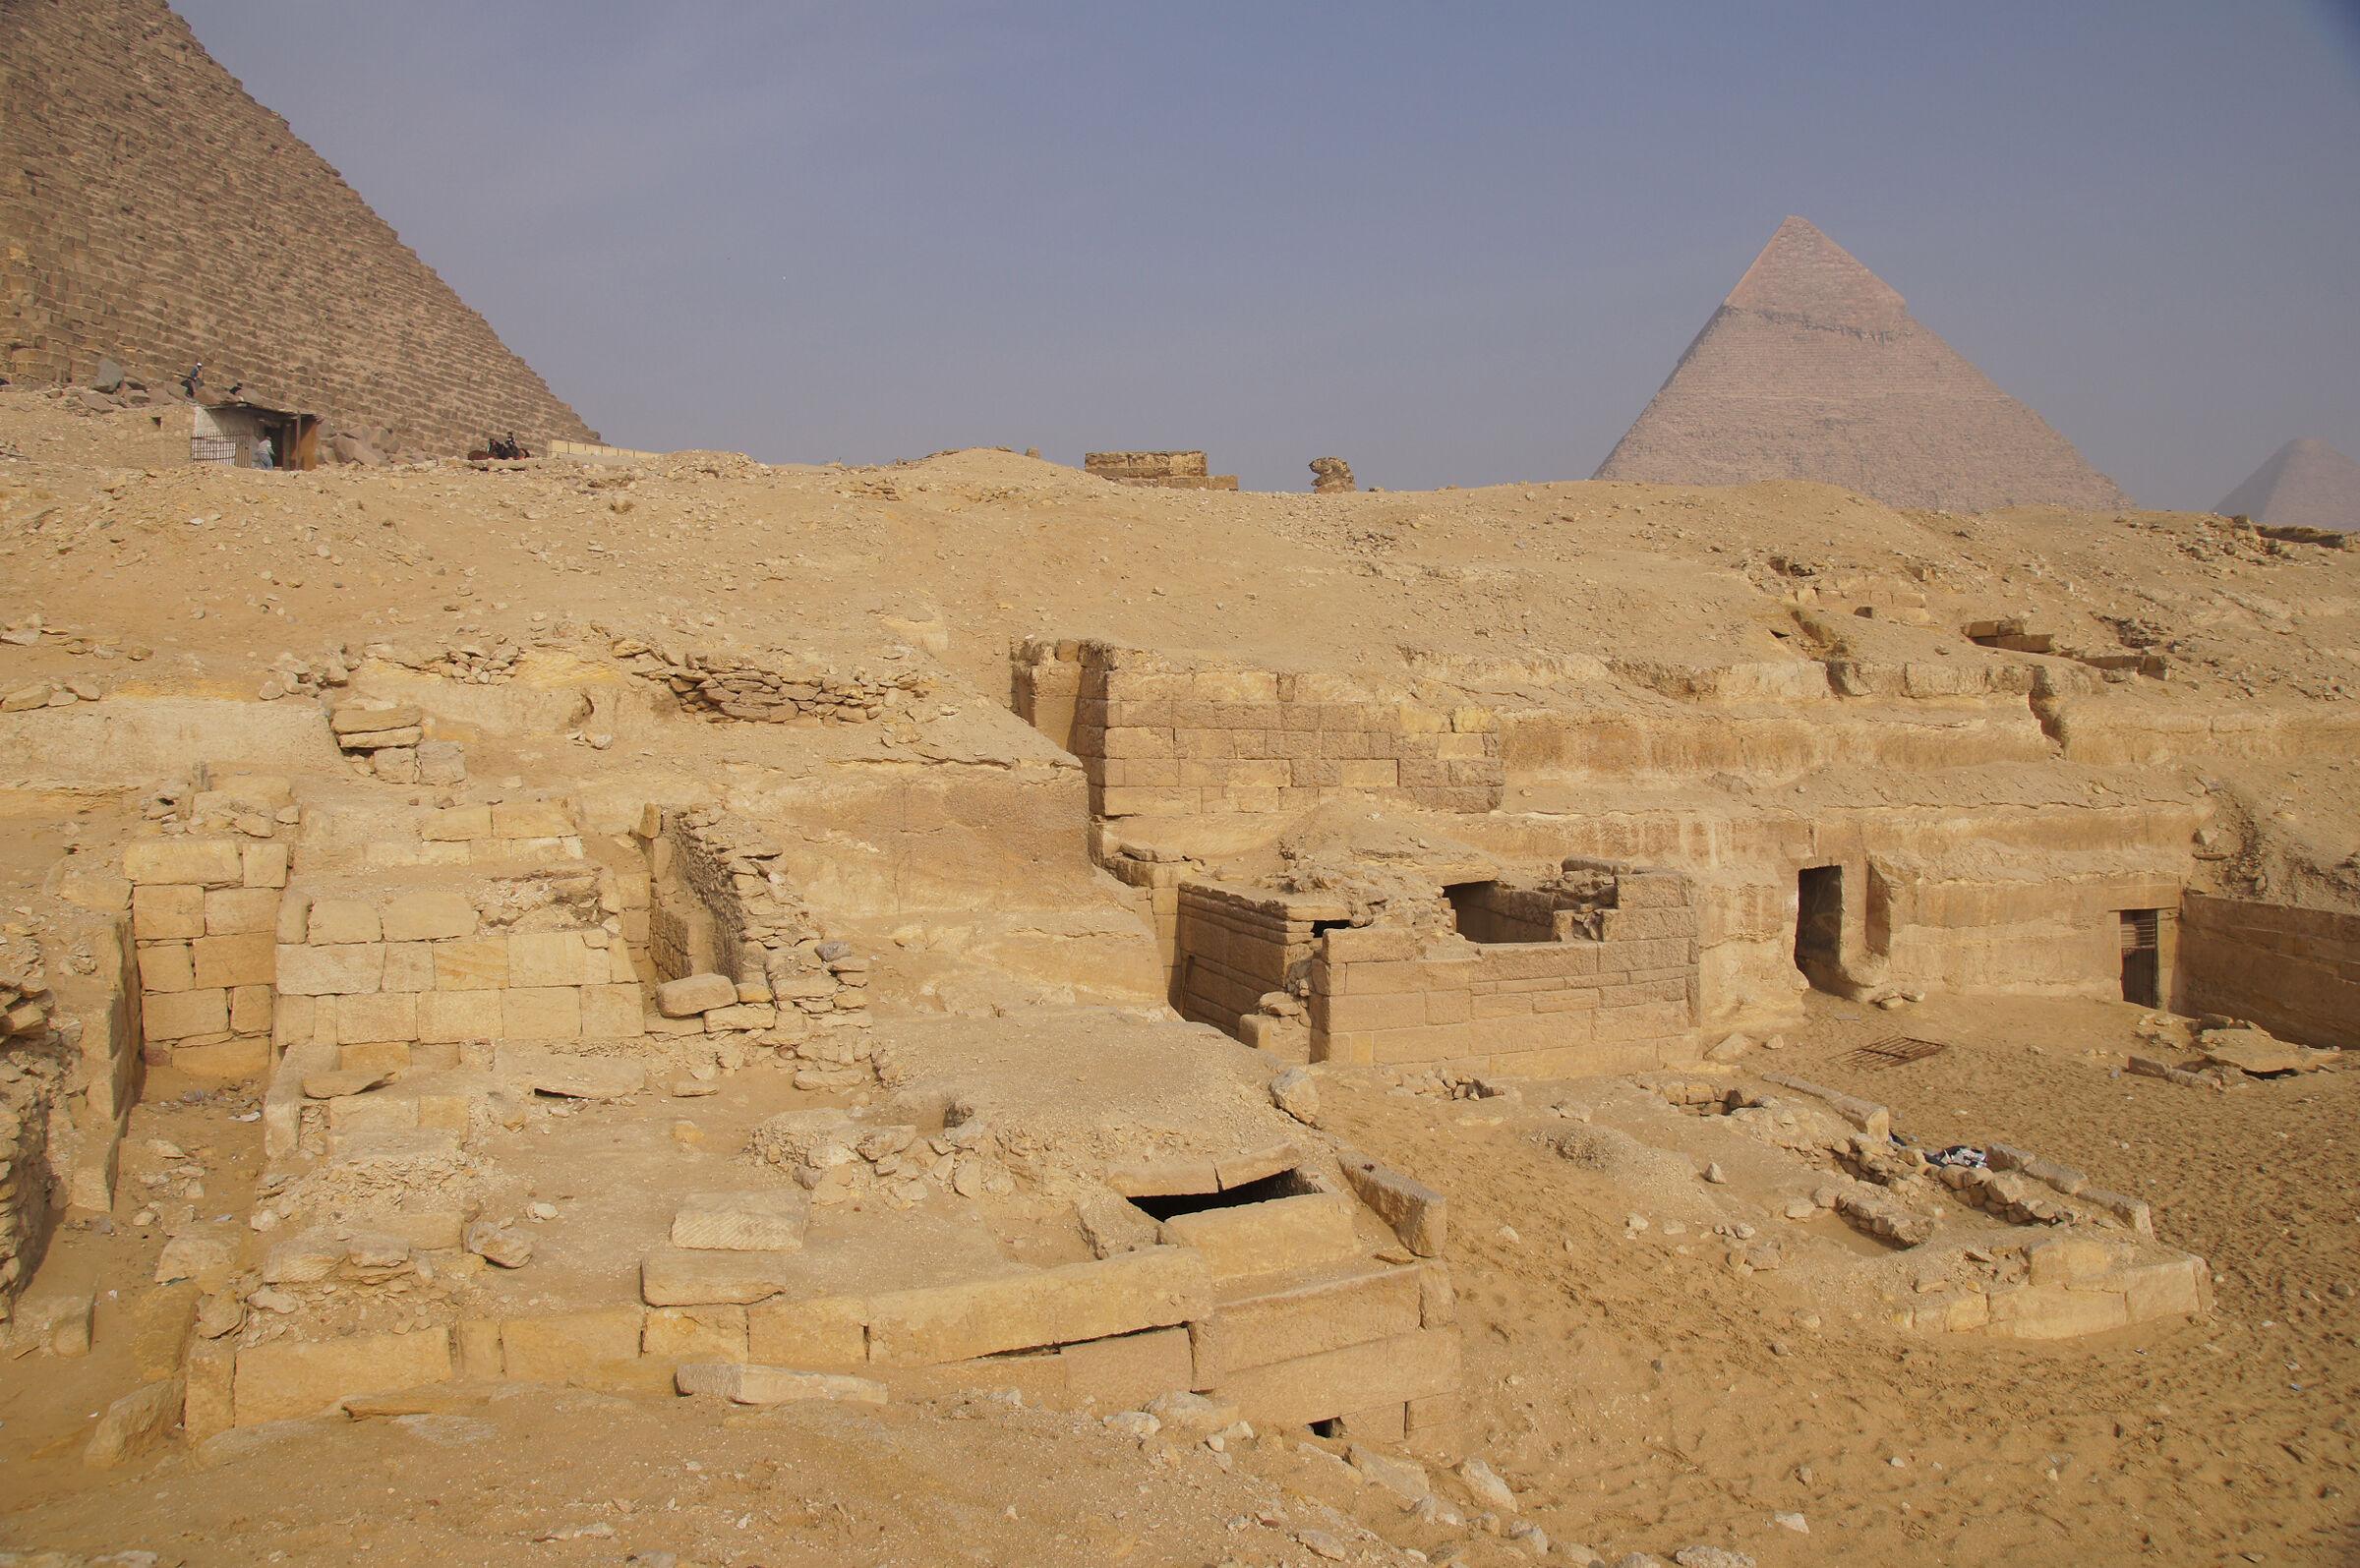 Menkaure Quarry Cemetery: Site: Giza; View: MQ 136, MQ 106, MQ 123, MQ 105, MQ 120, MQ 134, MQ 121, MQ 130, MQ 101(?), MQ 131, MQ 132, Menkaure Pyramid, Khafre Pyramid, Khufu Pyramid